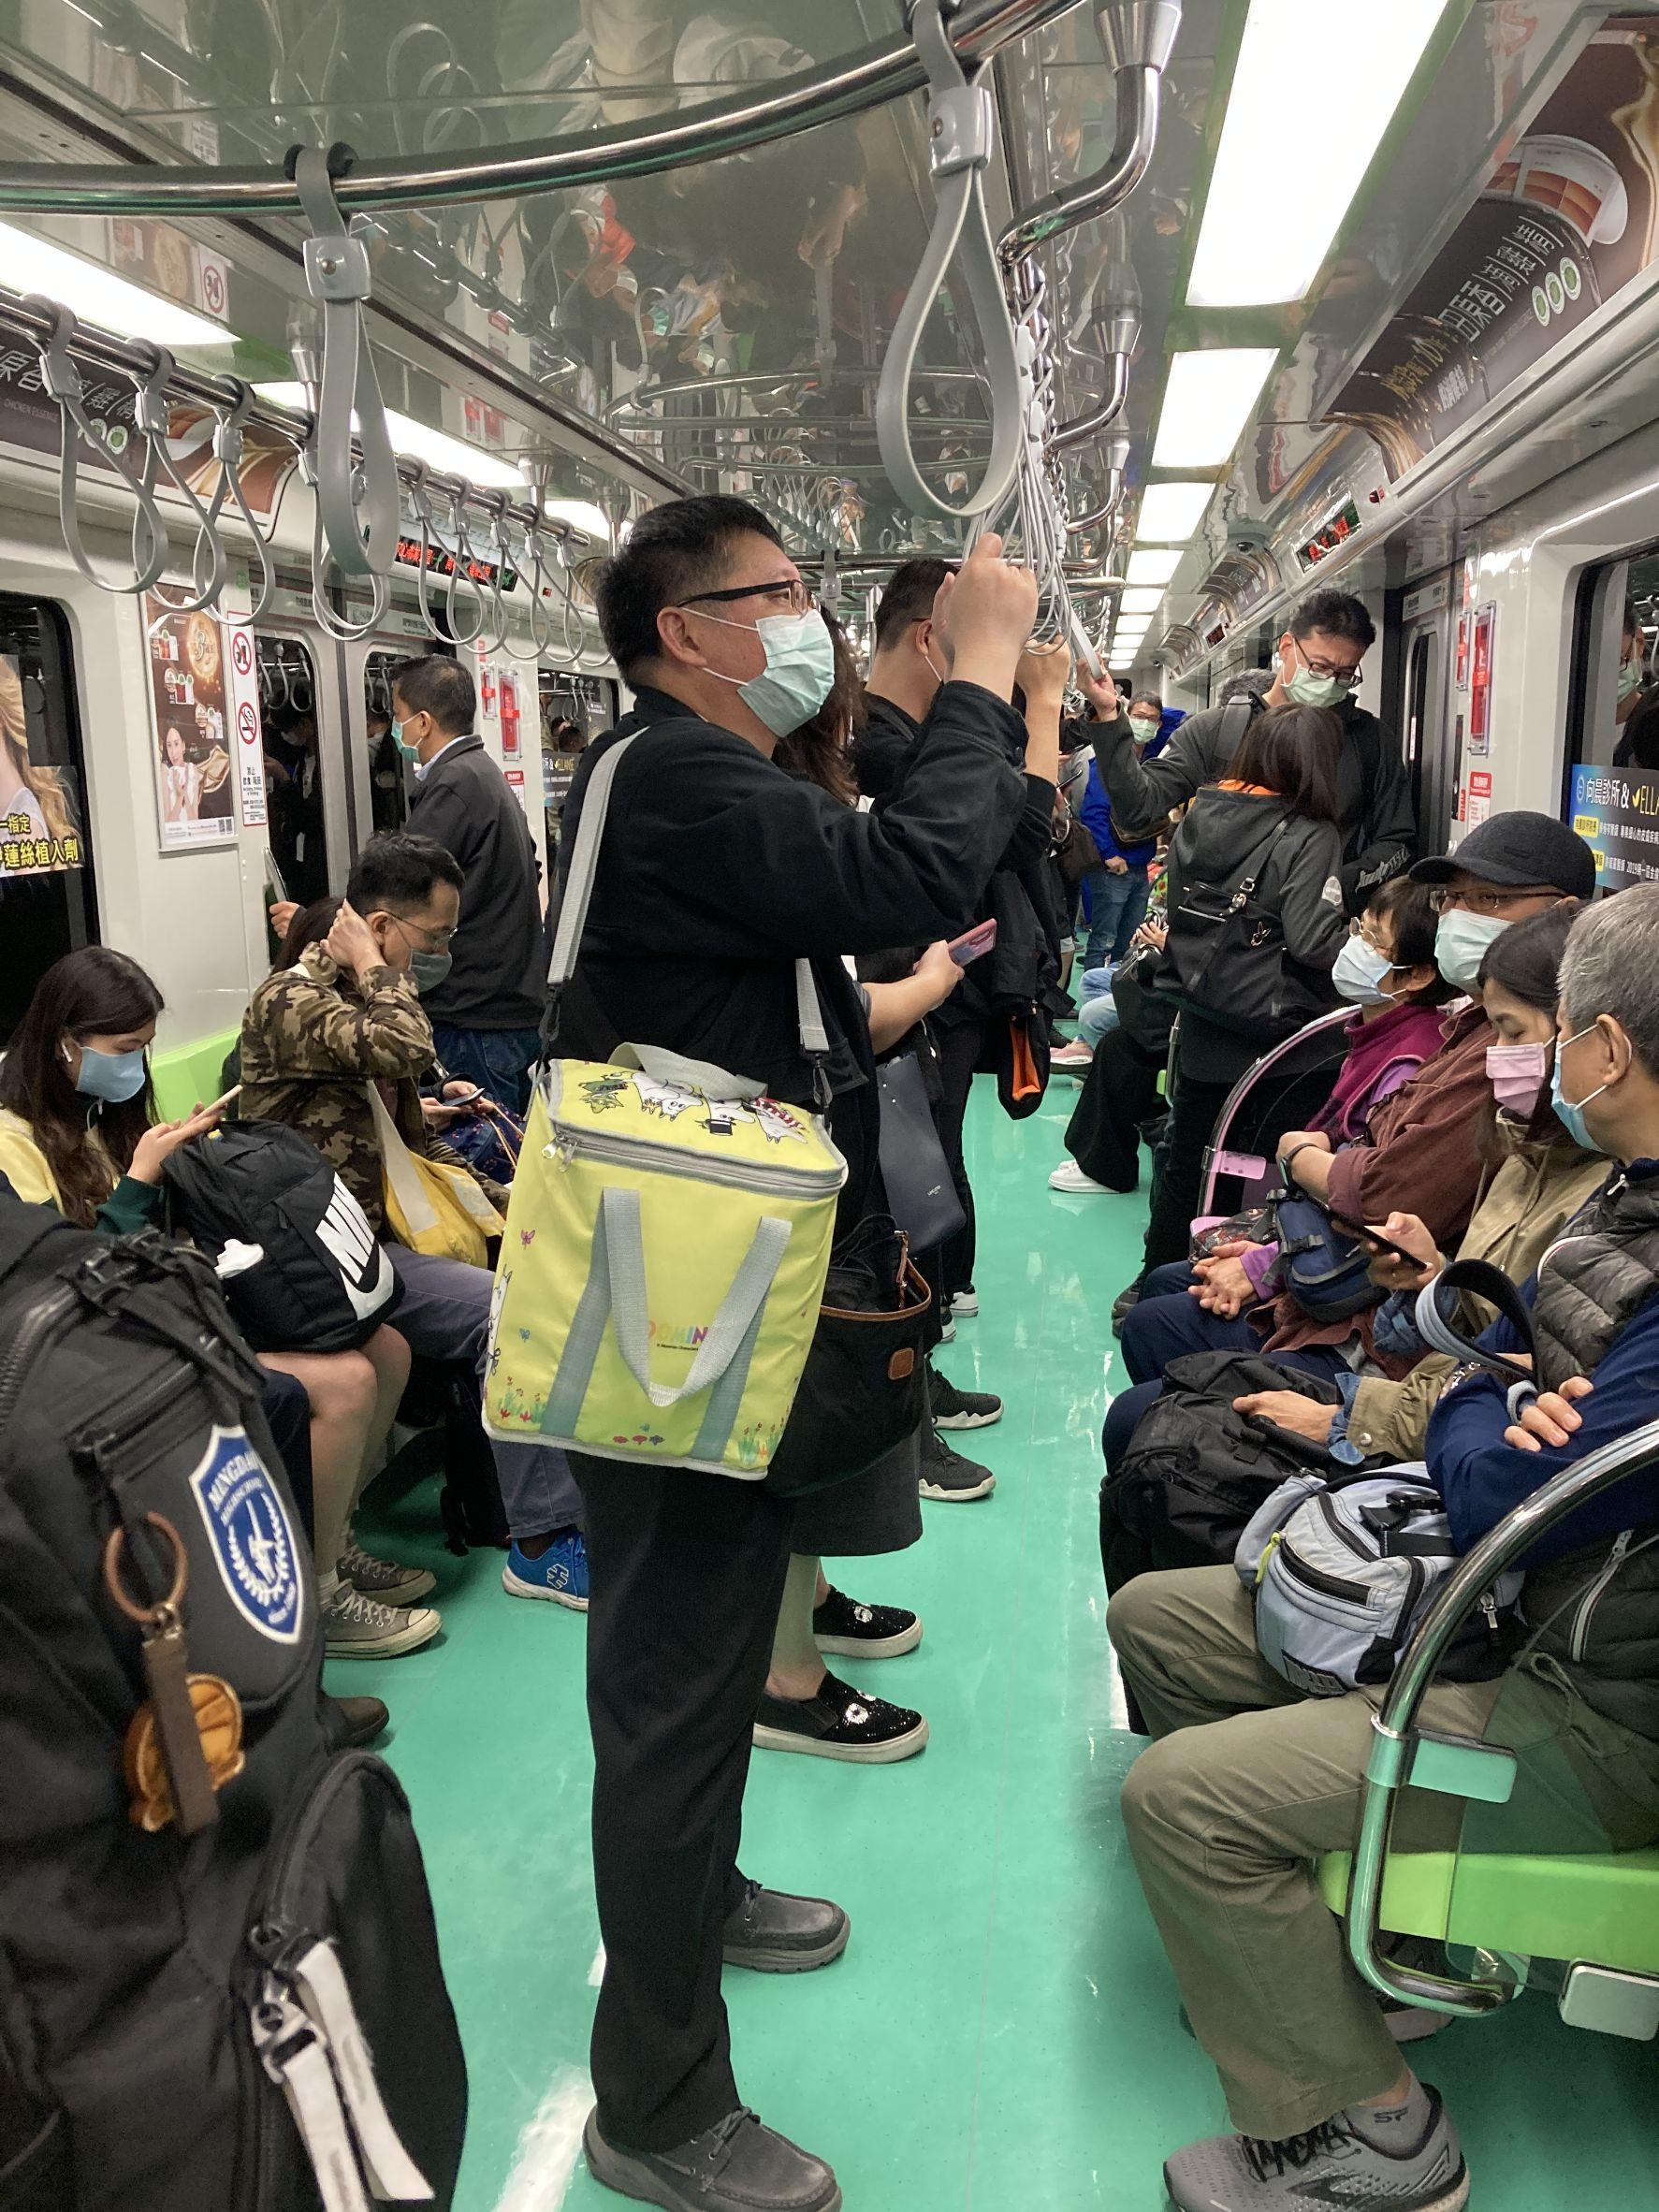 捷運綠線試營運首日運量5.5萬人次 中捷公司:符合預期